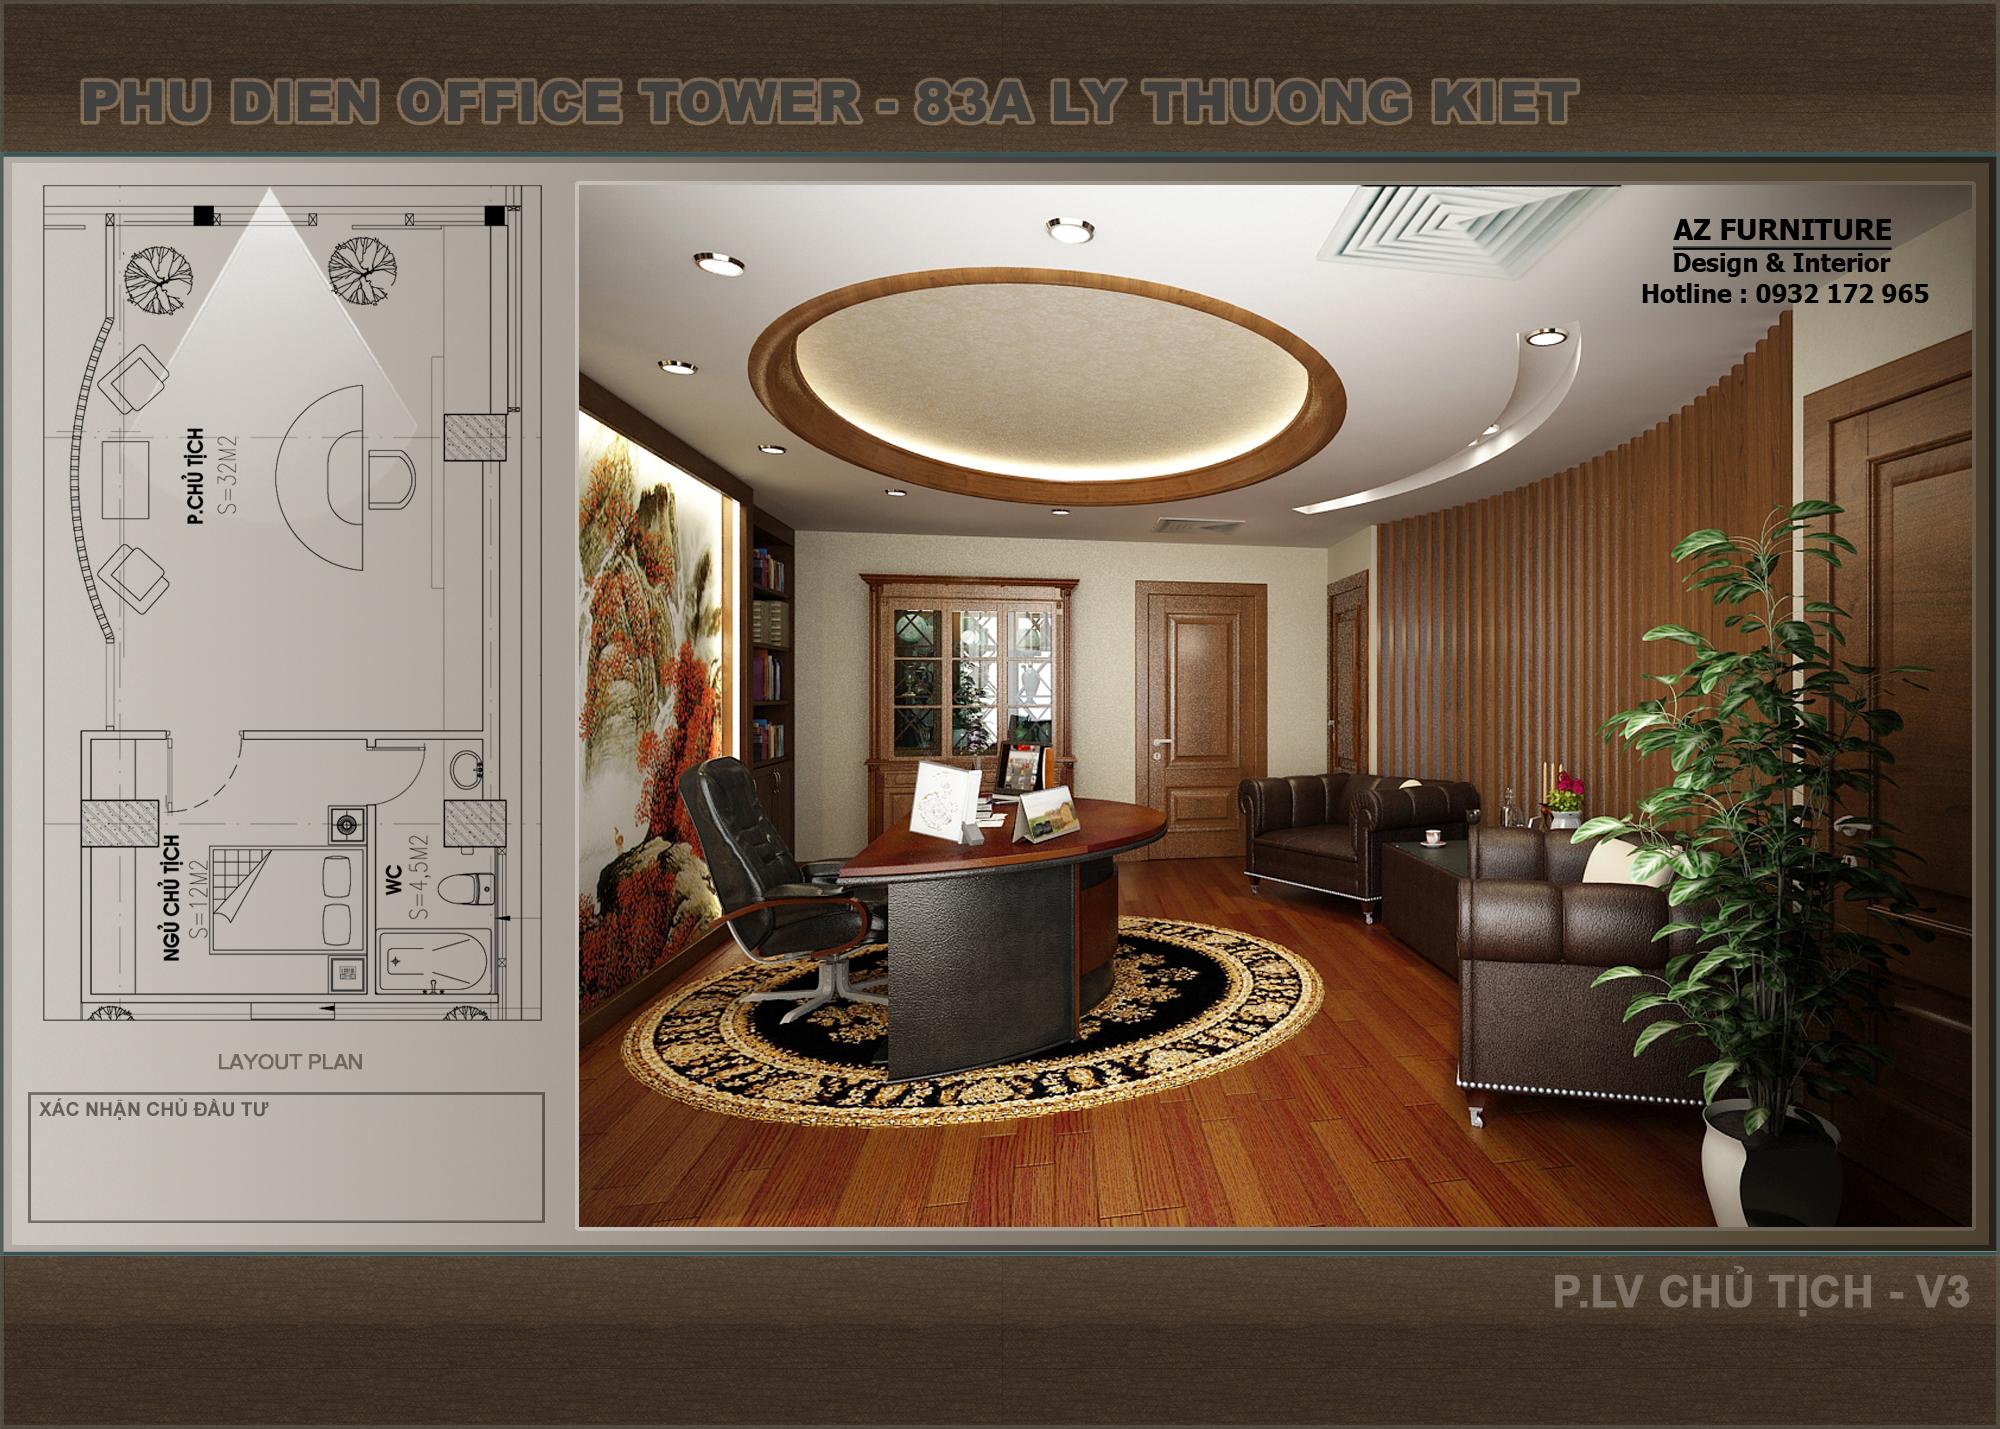 Thiết kế phòng làm việc công ty Phú Điền